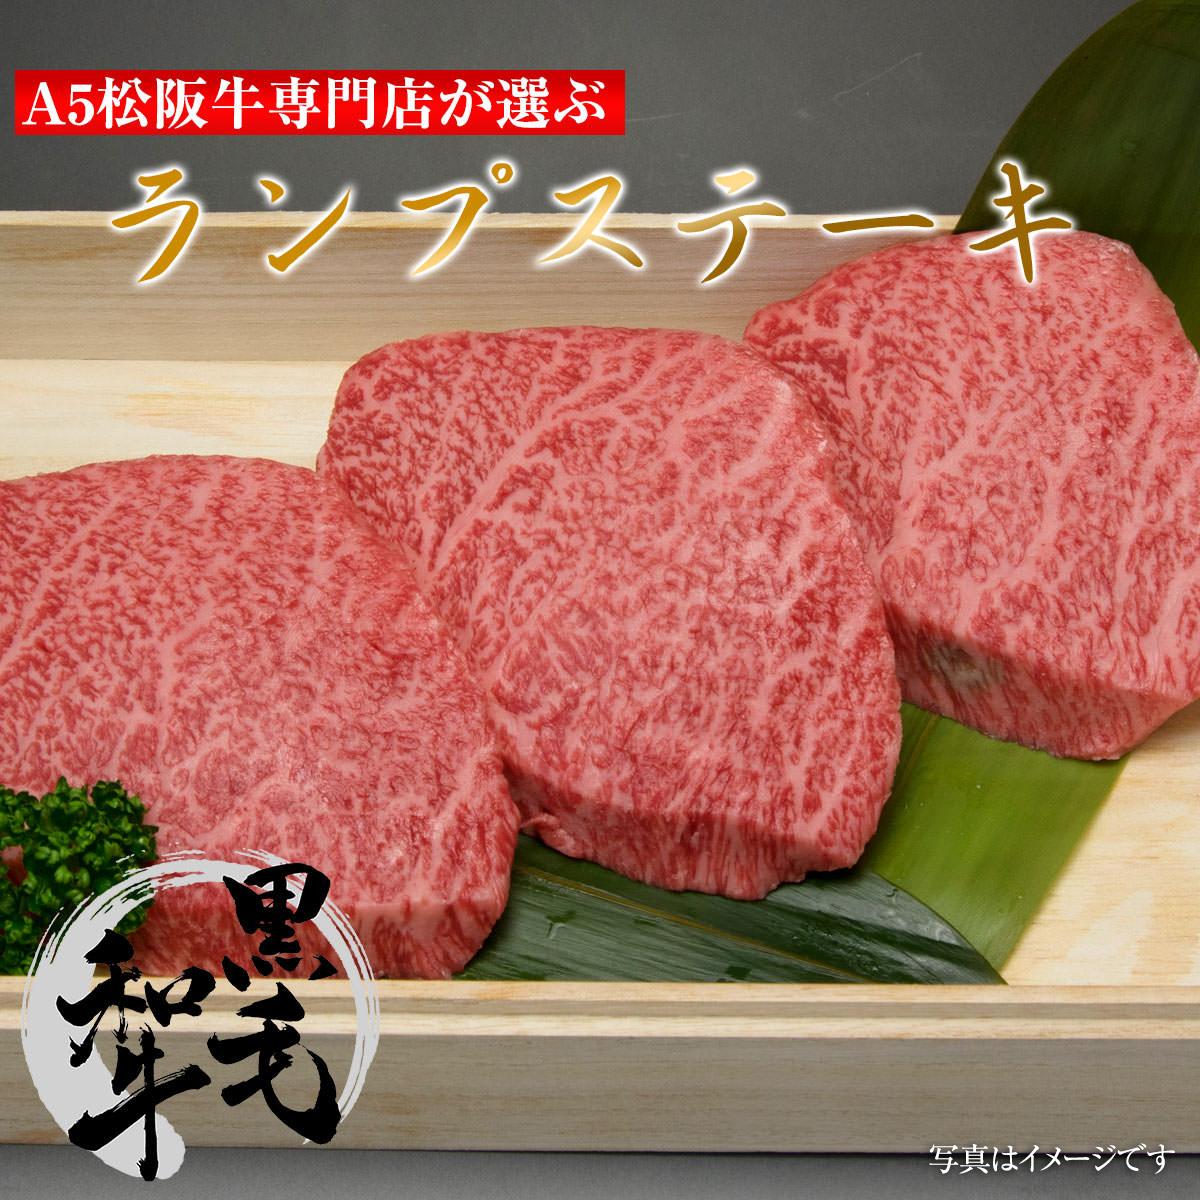 黒毛和牛ランプステーキ 100g×3枚セット